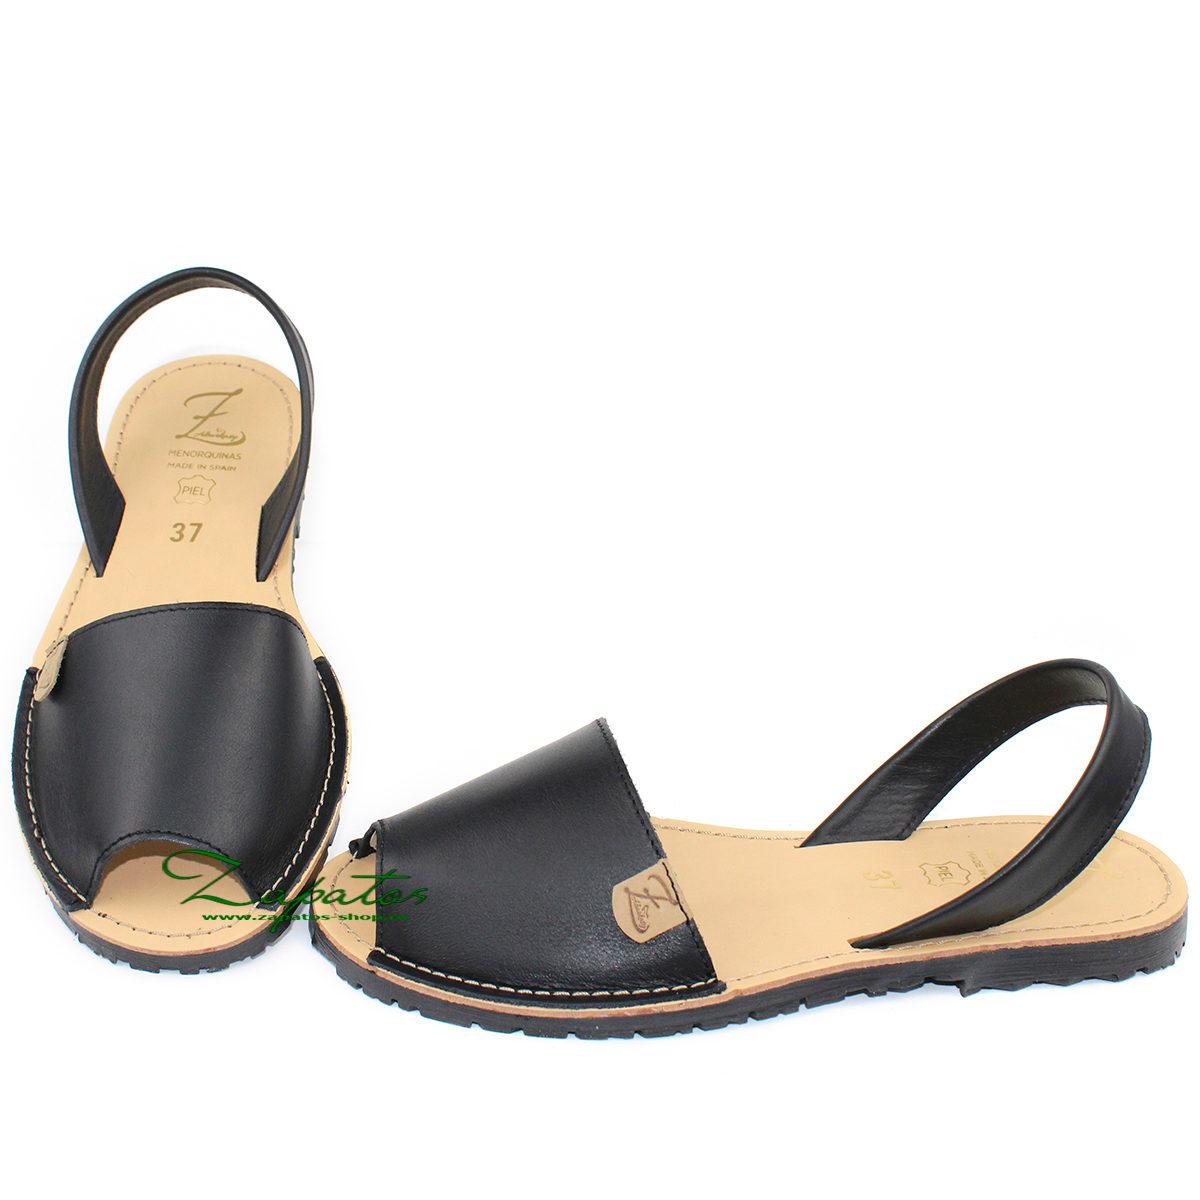 Абаркасы AB. Zapatos 320  negro